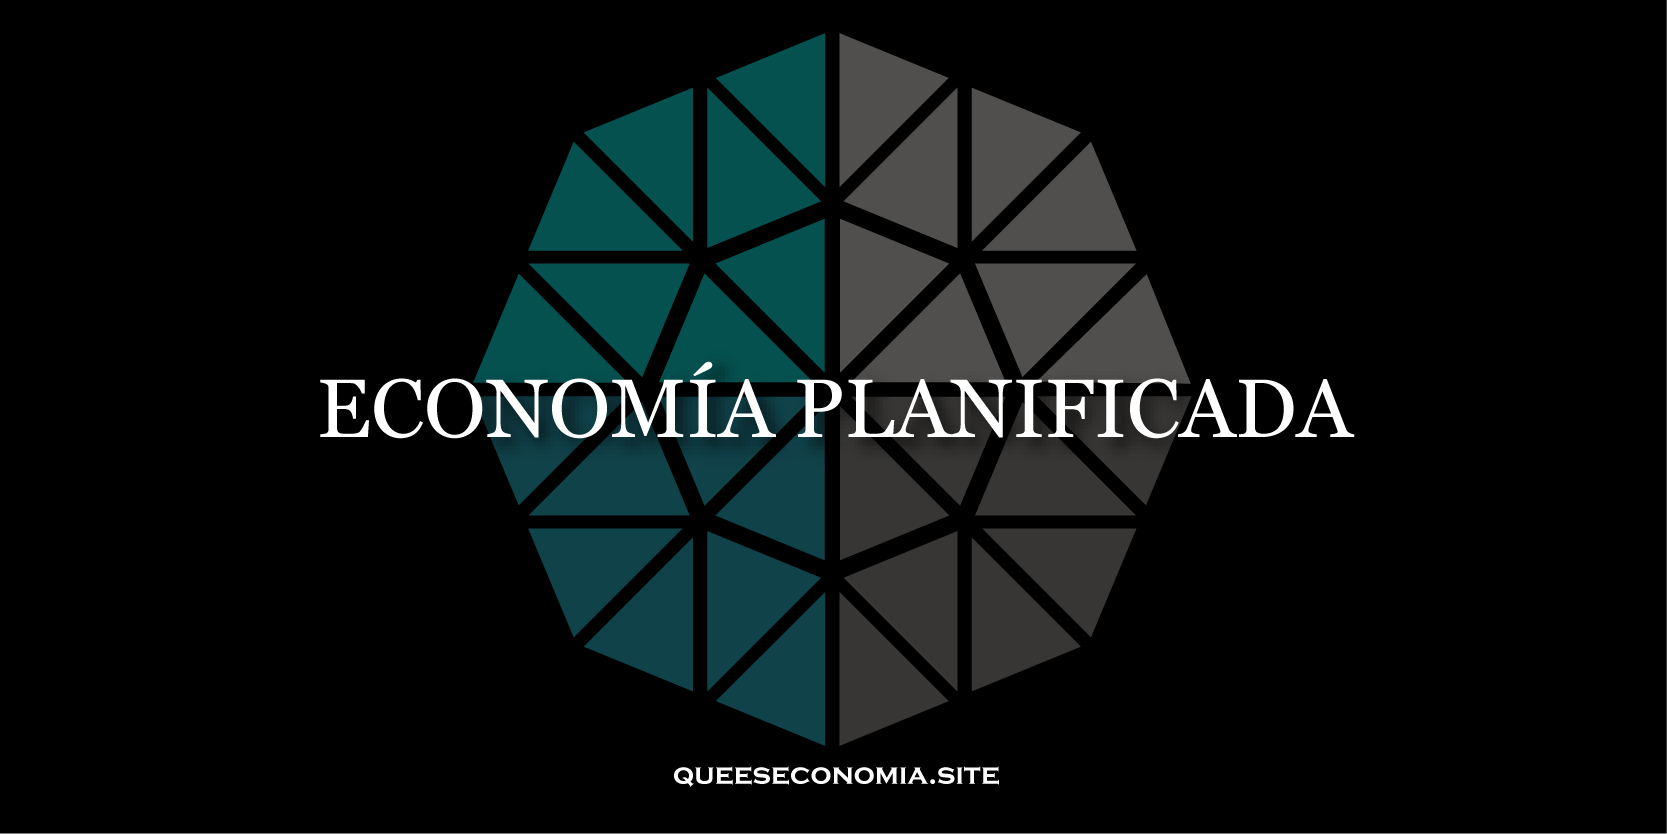 economía planificada